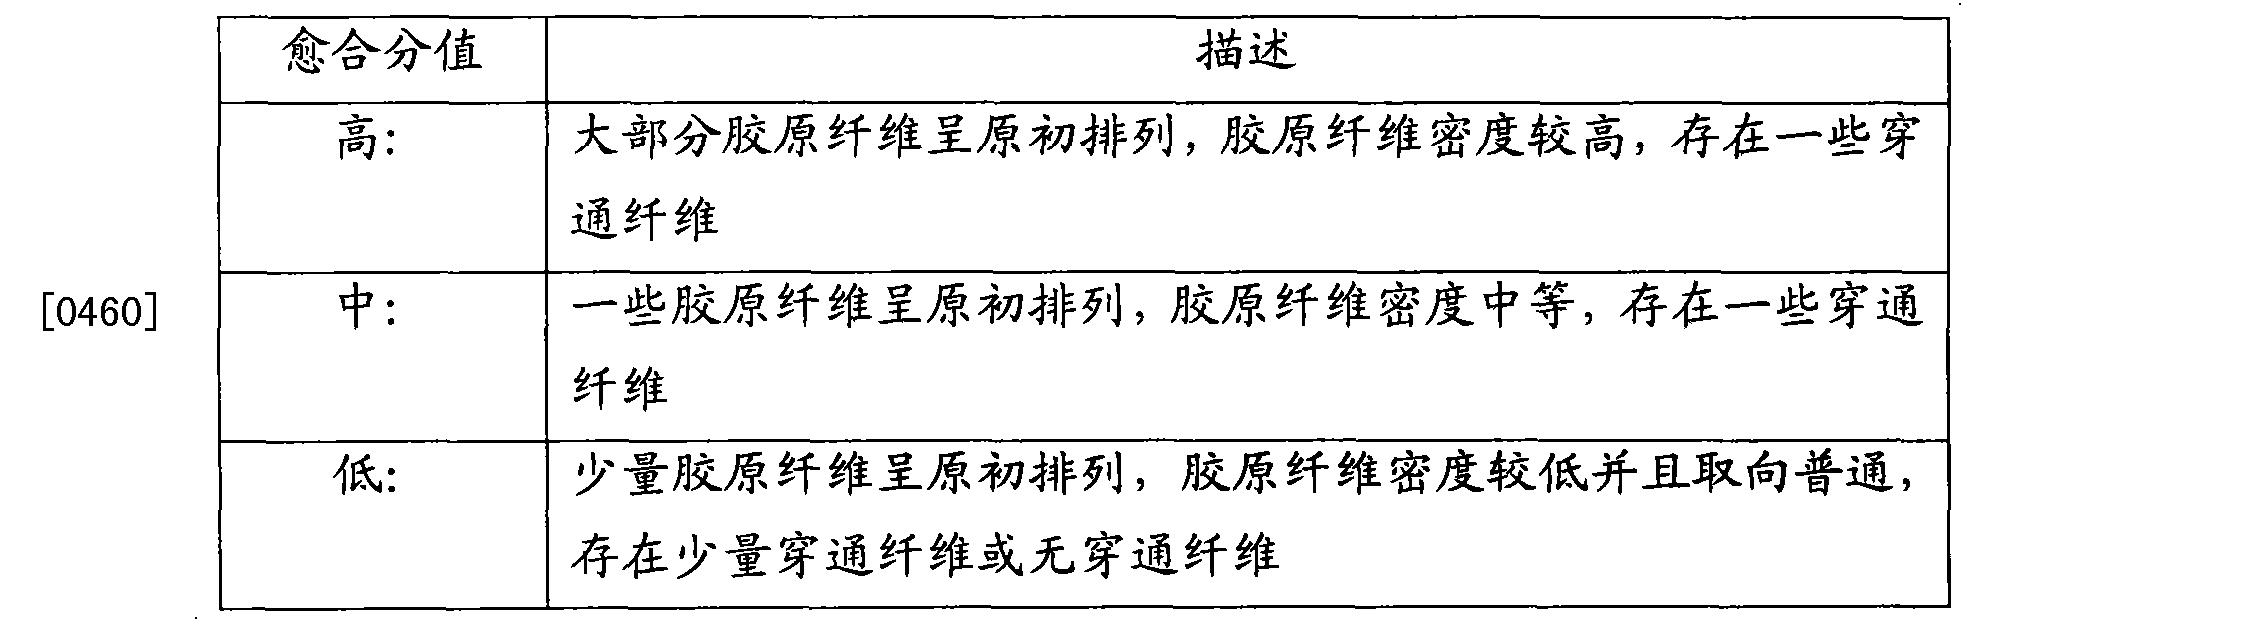 Figure CN102231992BD00521